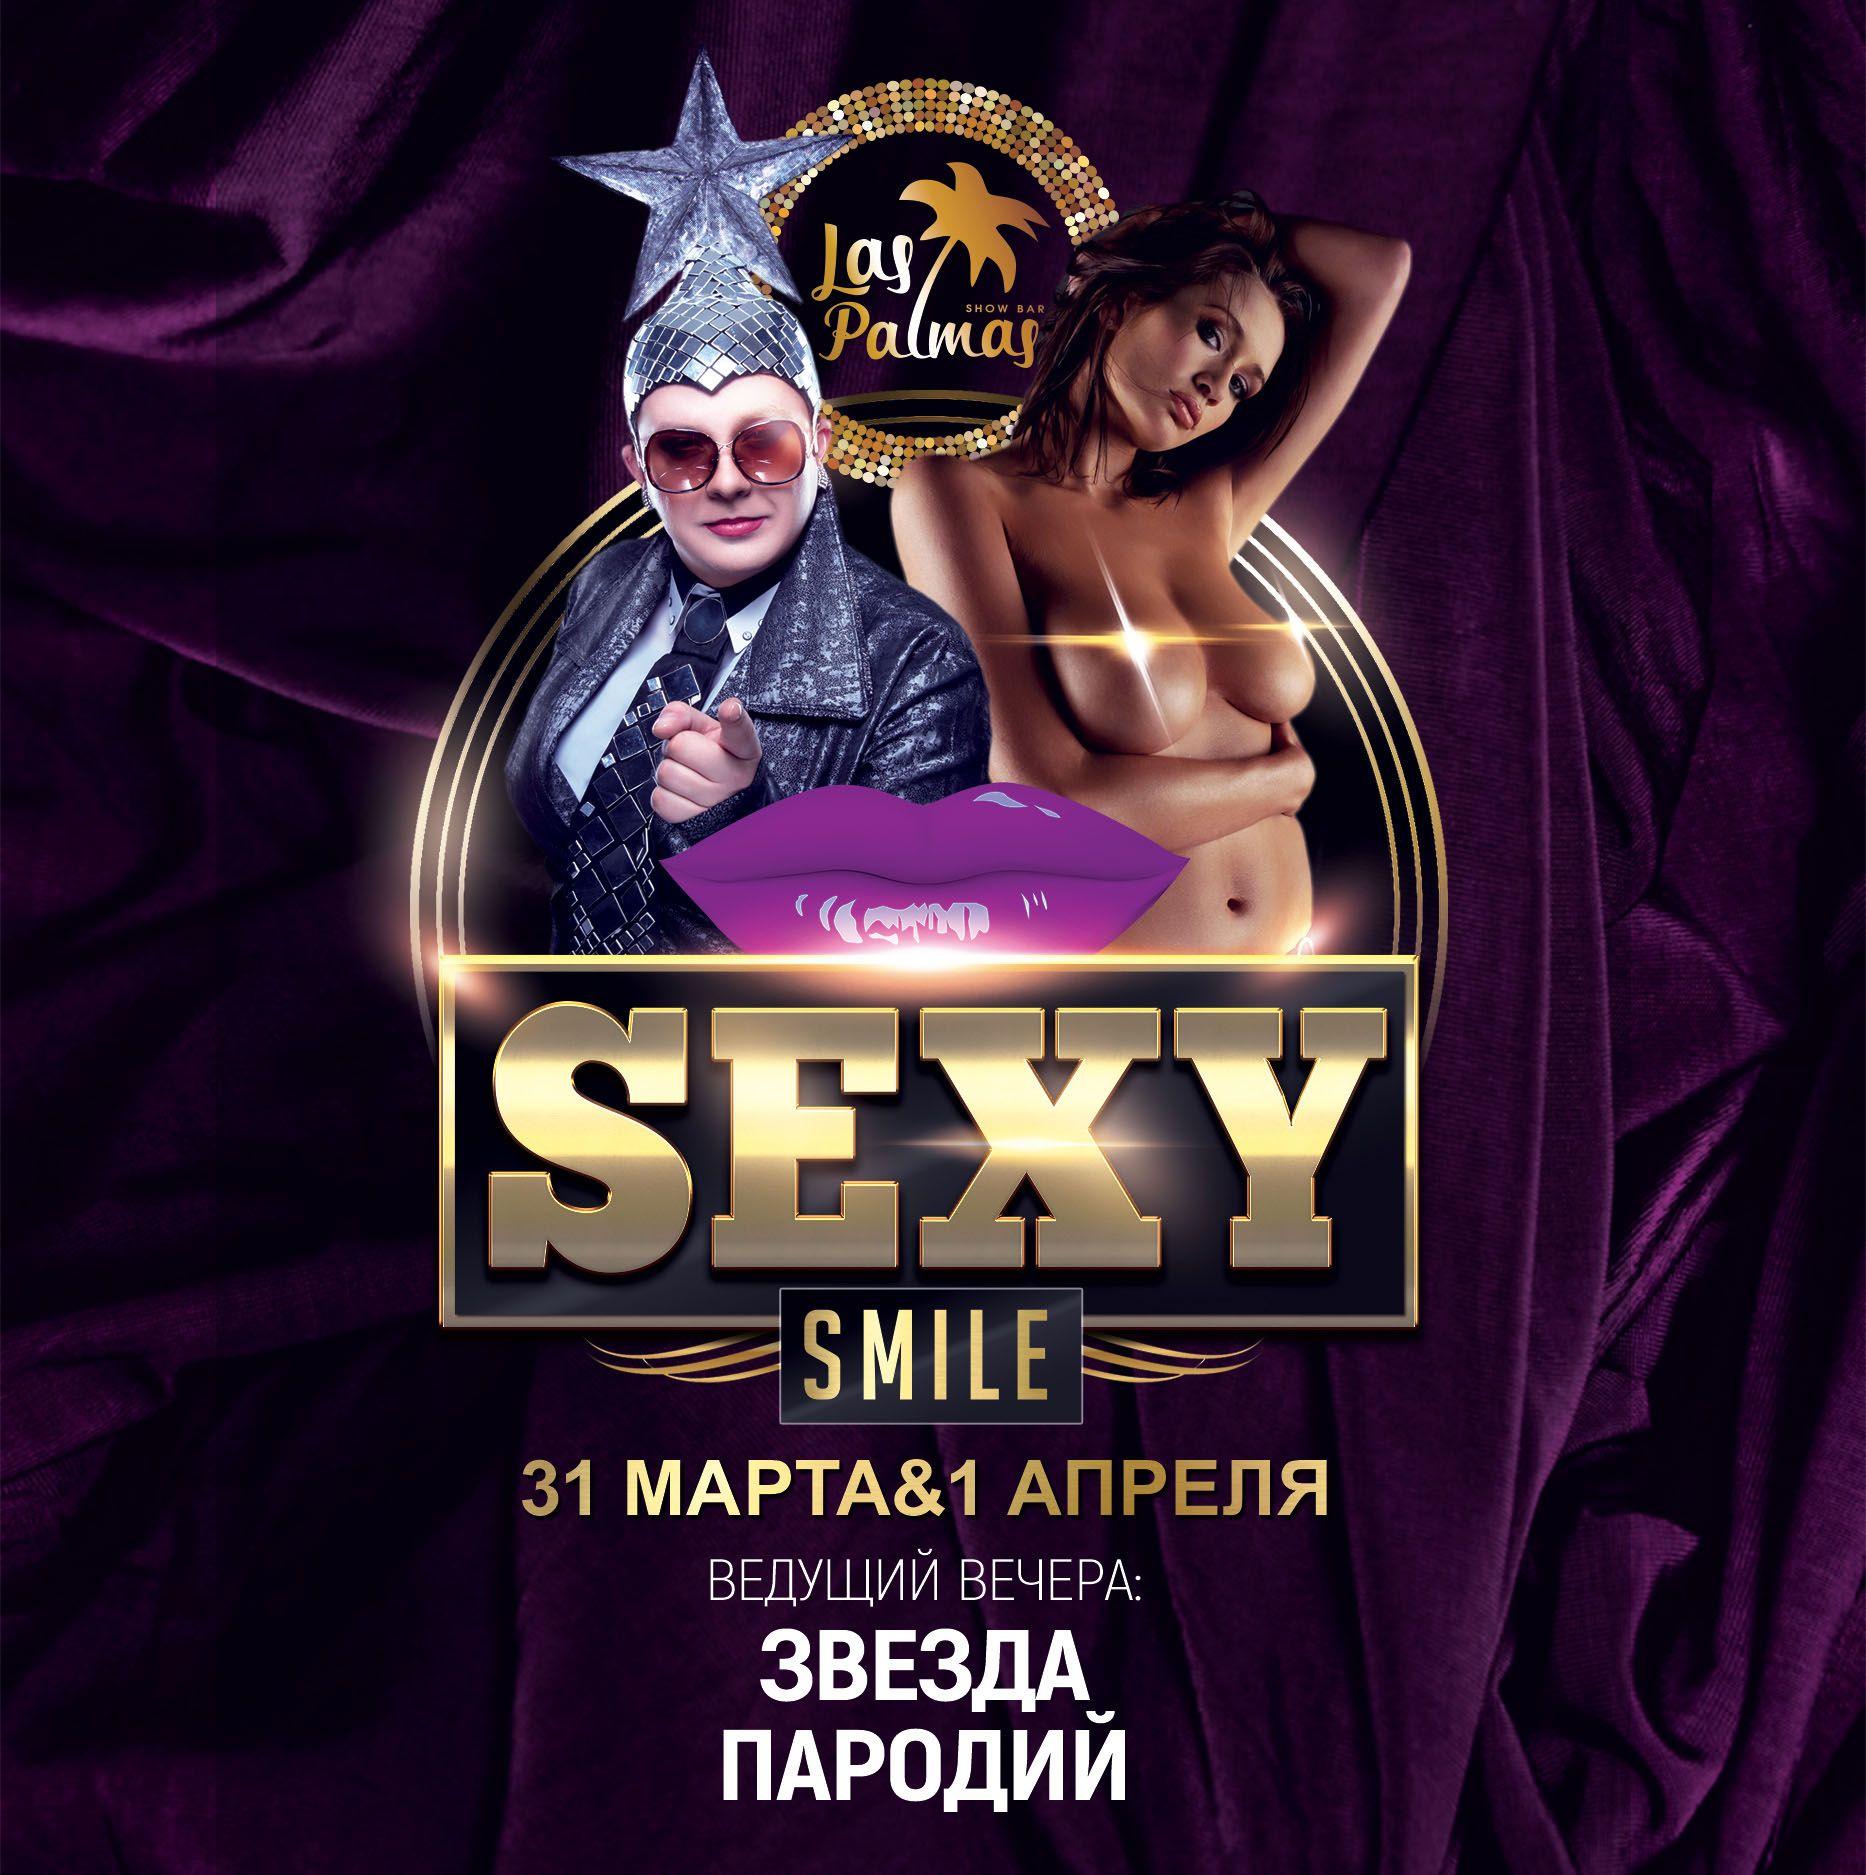 SEXY SMILE - ВСТРЕЧАЕМ АПРЕЛЬ ВЕСЕЛО!!!